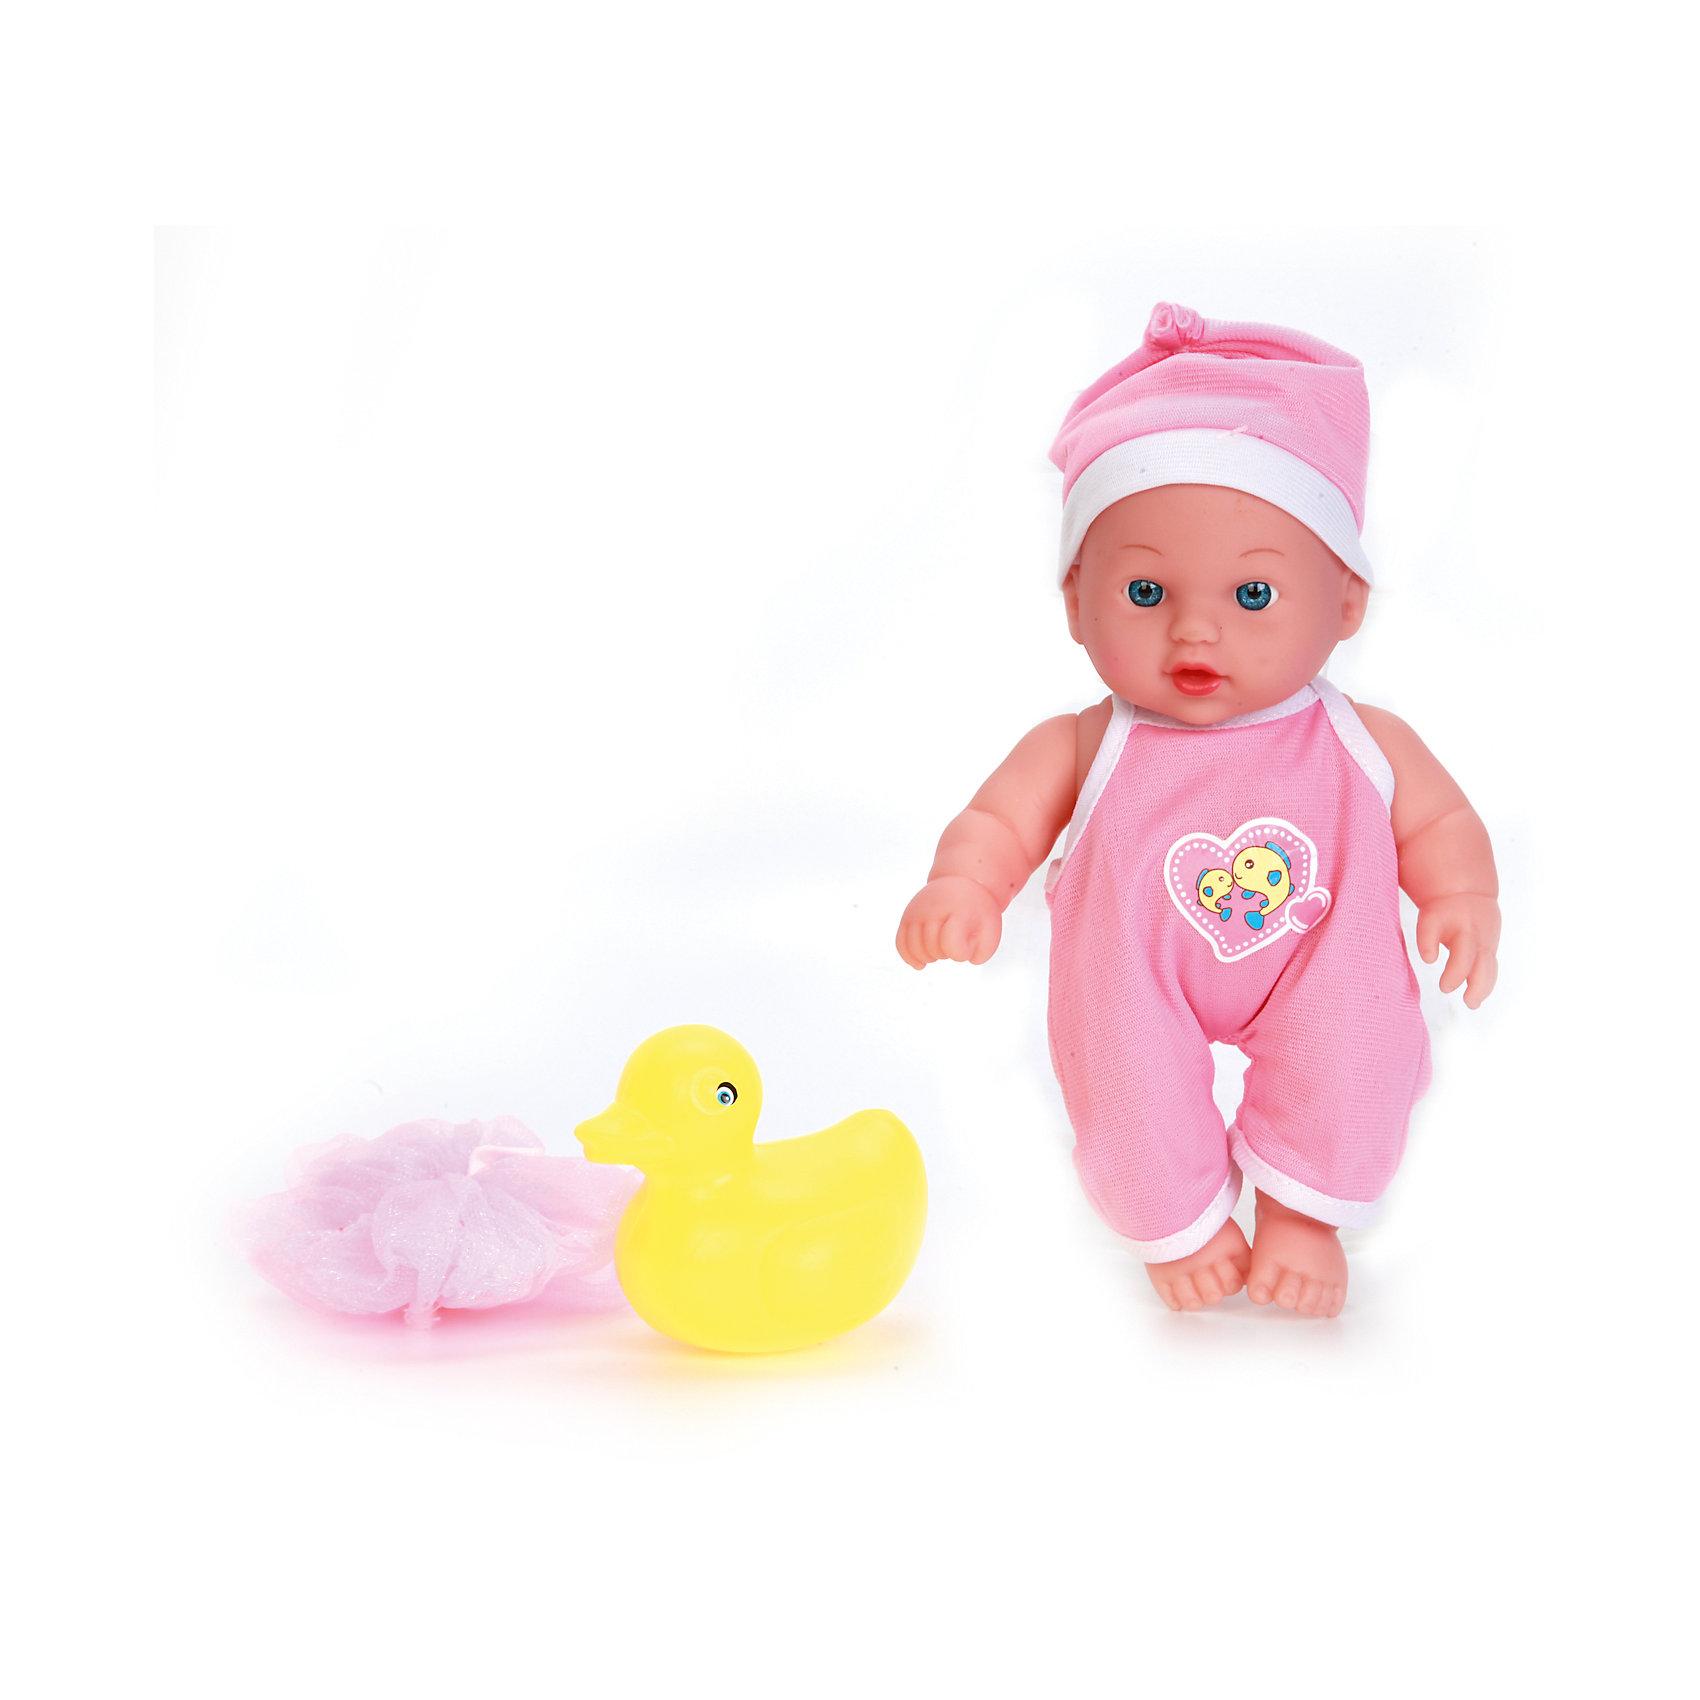 Пупс 20 см, с твердым телом, с ванночкой и аксессуарами, КарапузКуклы<br>Этот милый пупс очень похож на настоящего младенца. О нем таки и хочется позаботится. У него твердое тело, подвижные ручки и ножки. Пупс одет в костюмчик и шапочку. Его можно купать. В комплекте есть аксессуары для купания: ванночка, игрушка и мочалка.<br><br>Ширина мм: 91<br>Глубина мм: 98<br>Высота мм: 37<br>Вес г: 340<br>Возраст от месяцев: 36<br>Возраст до месяцев: 60<br>Пол: Женский<br>Возраст: Детский<br>SKU: 6863975